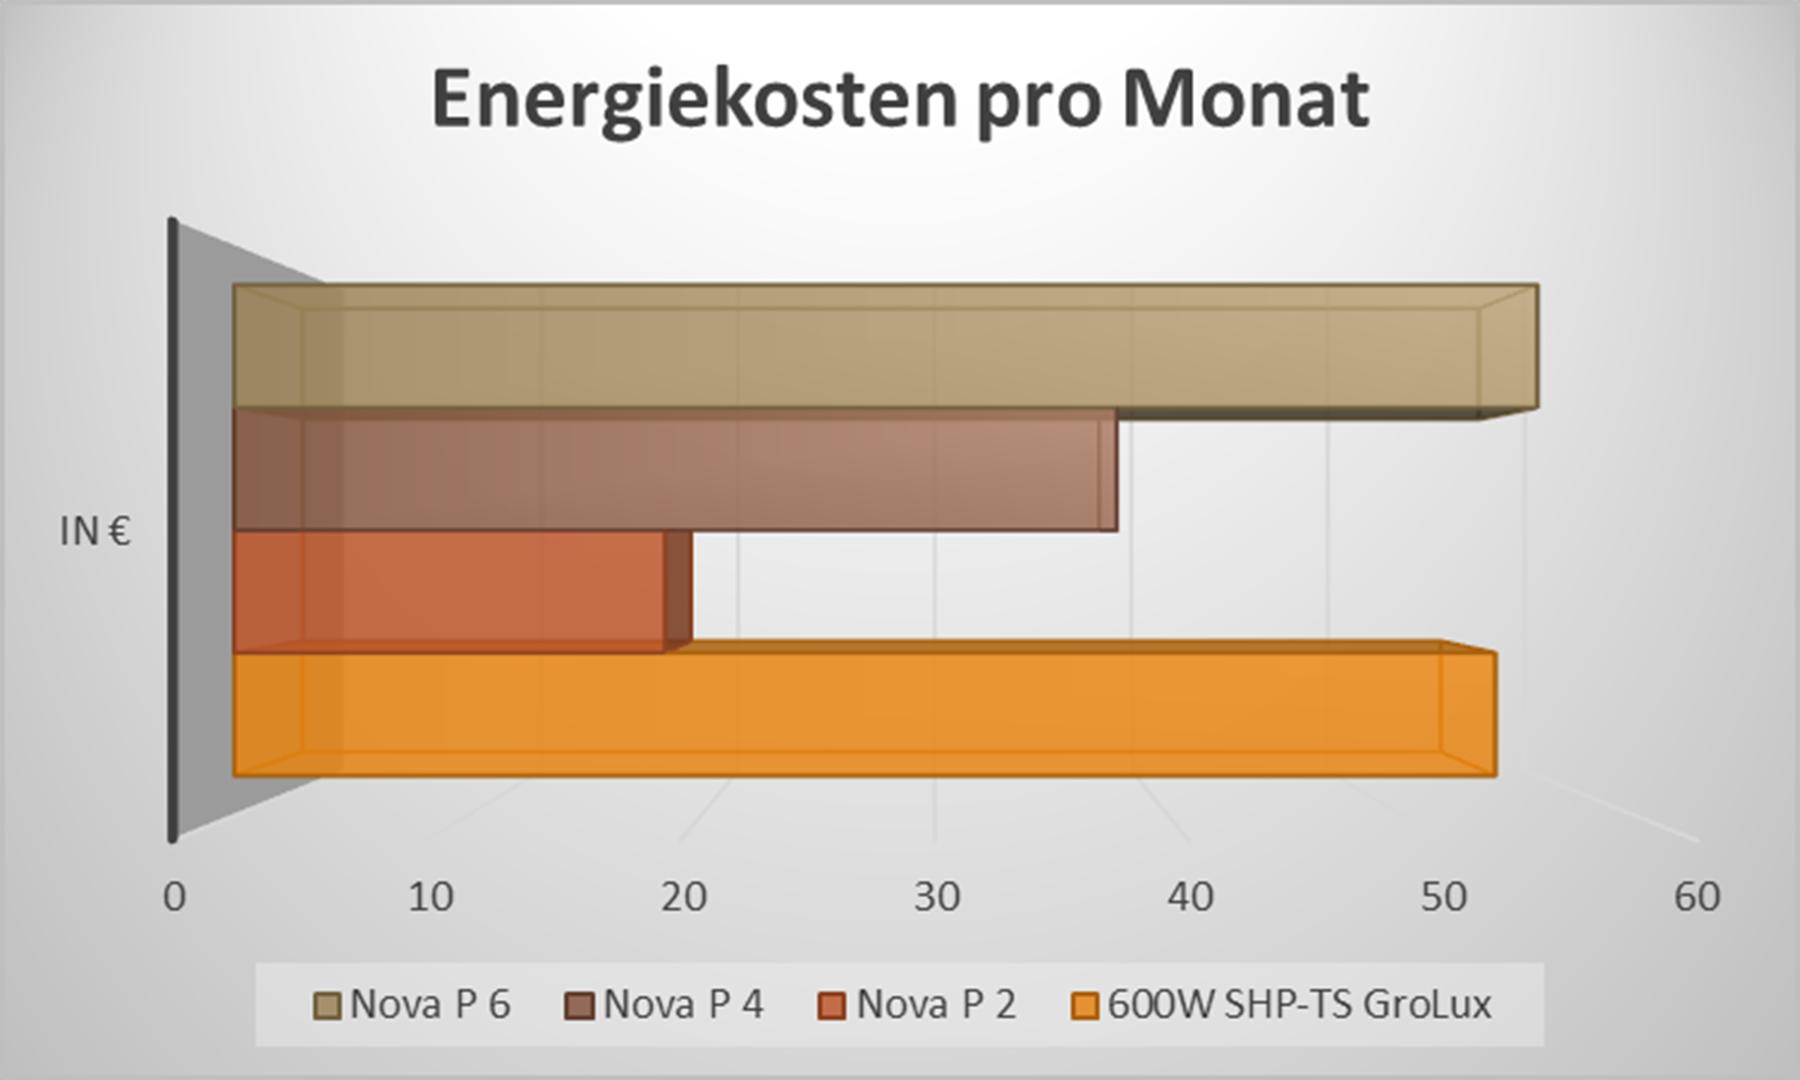 LED-vs-NDL Energiekosten